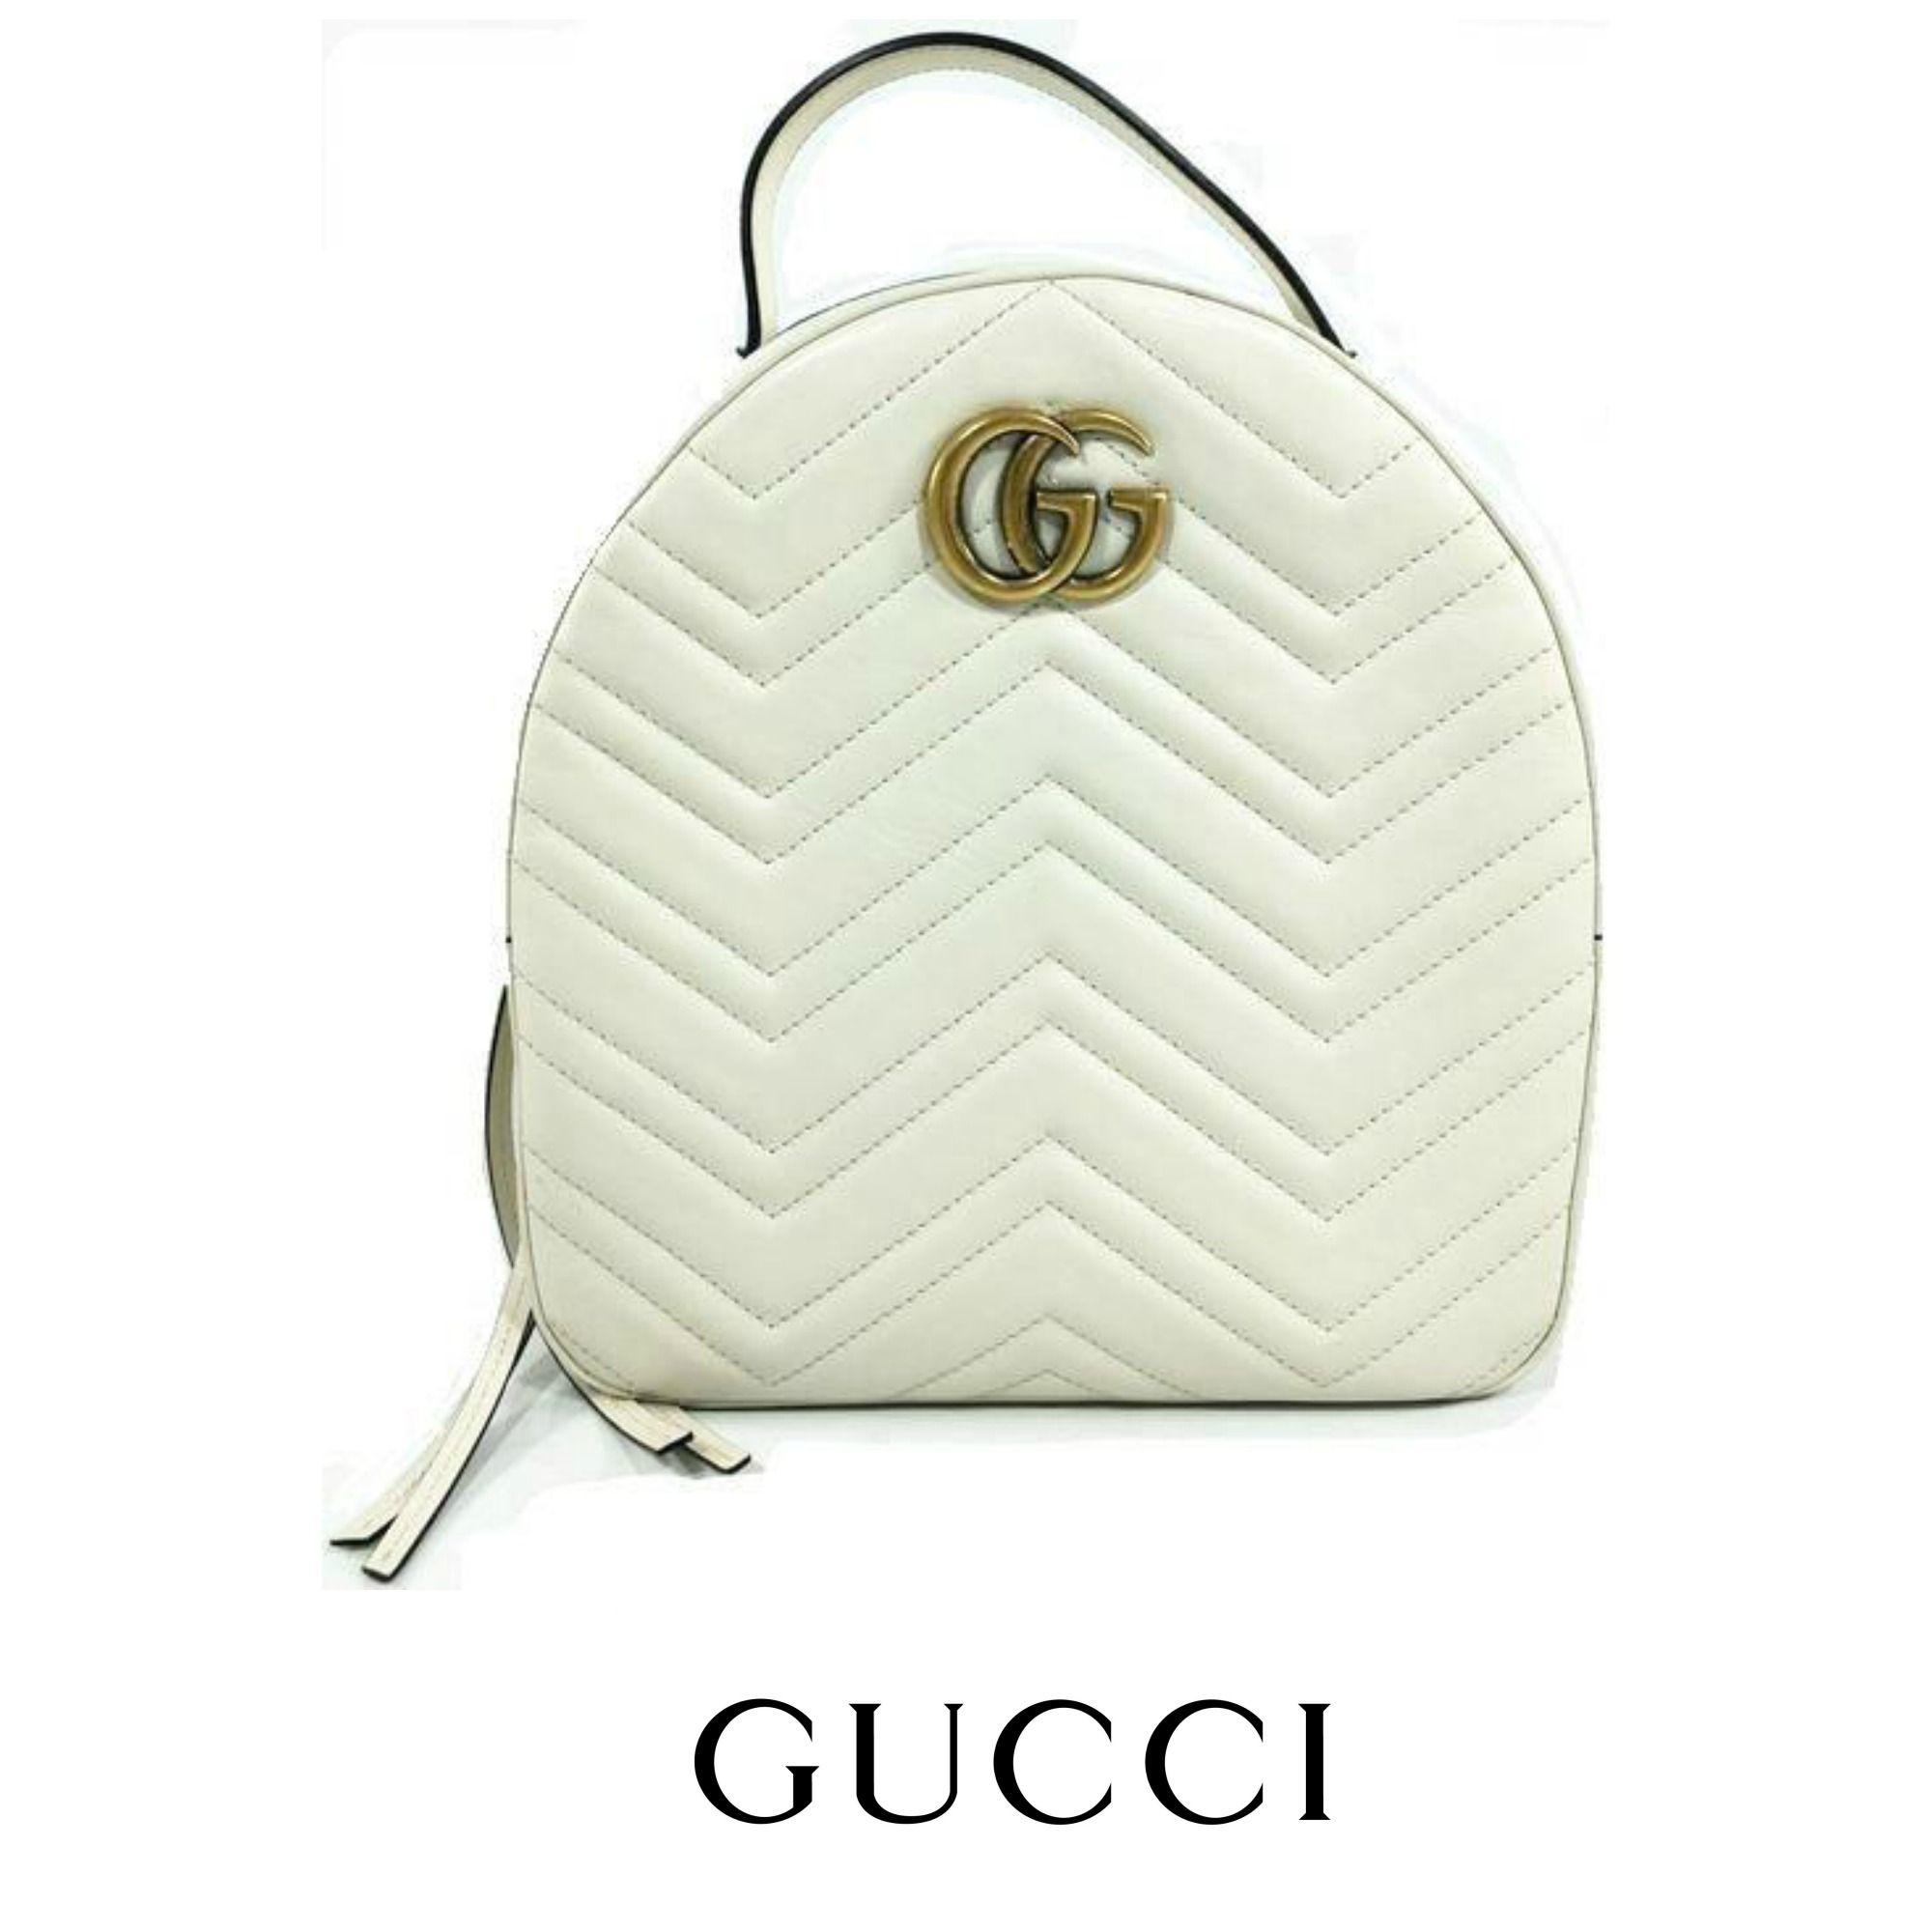 5607cb69cc8b Gucci Ivory Leather